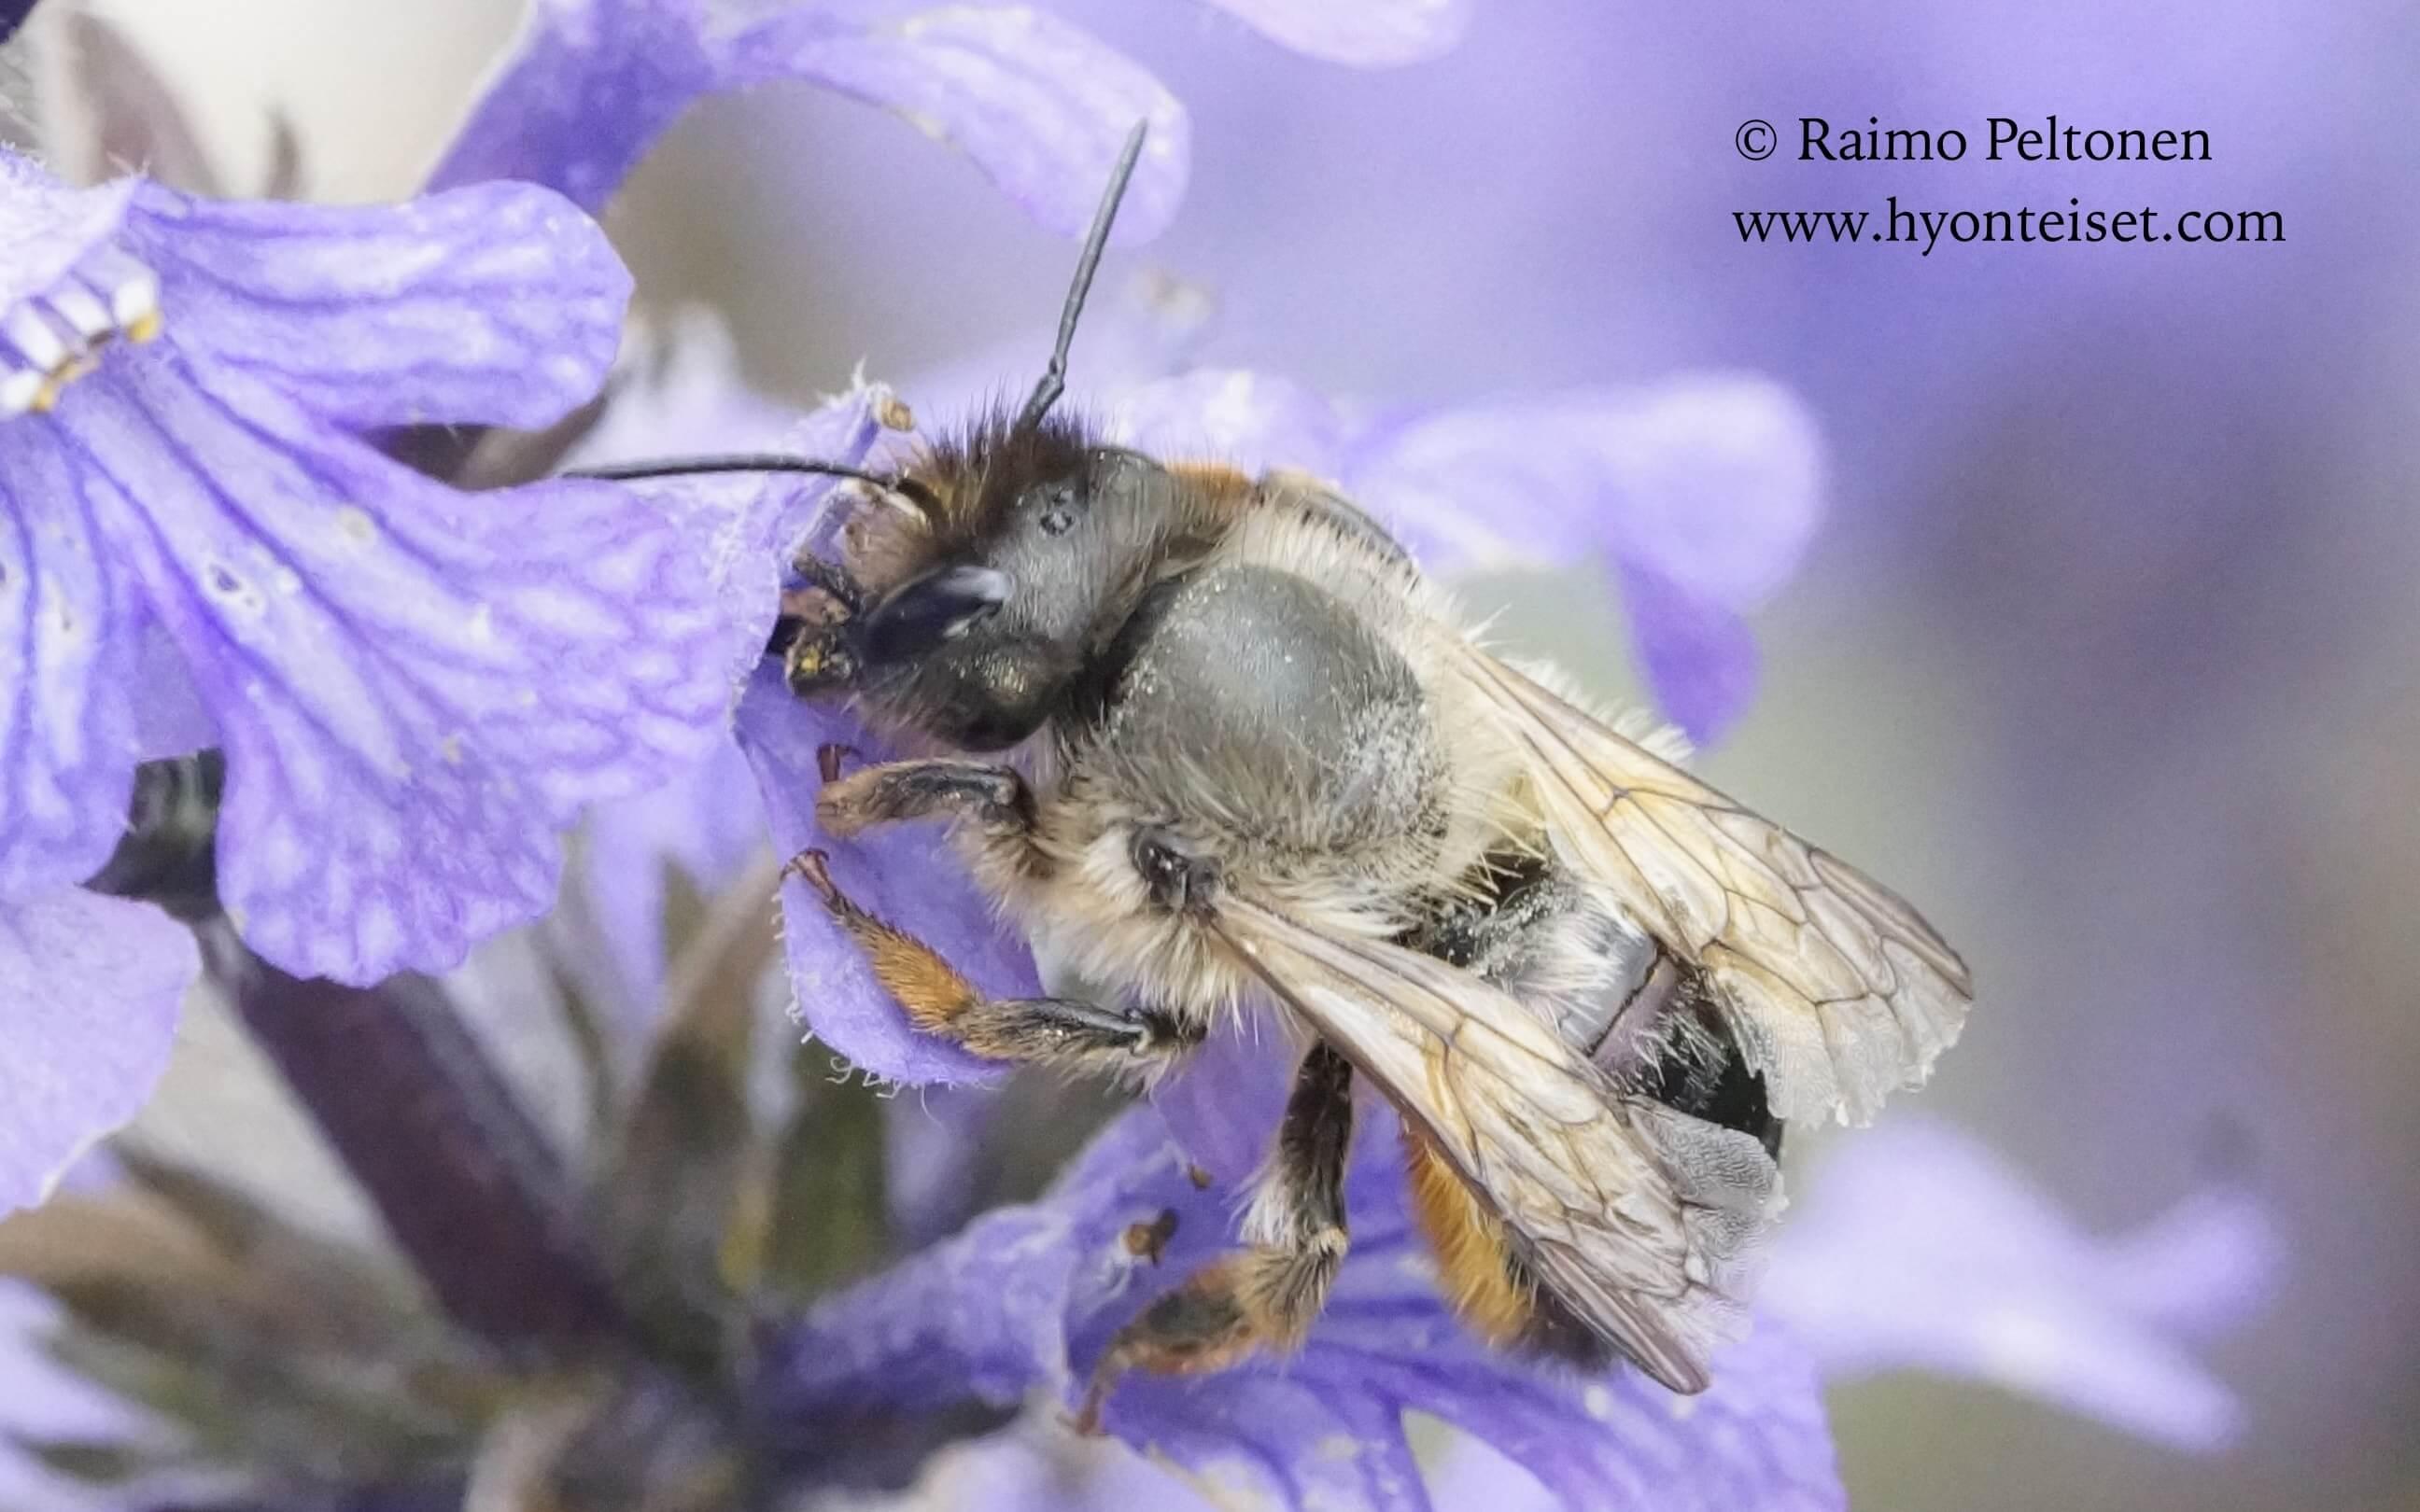 Osmia bicornis-rusomuurarimehiläinen, naaras (det. Juho Paukkunen)